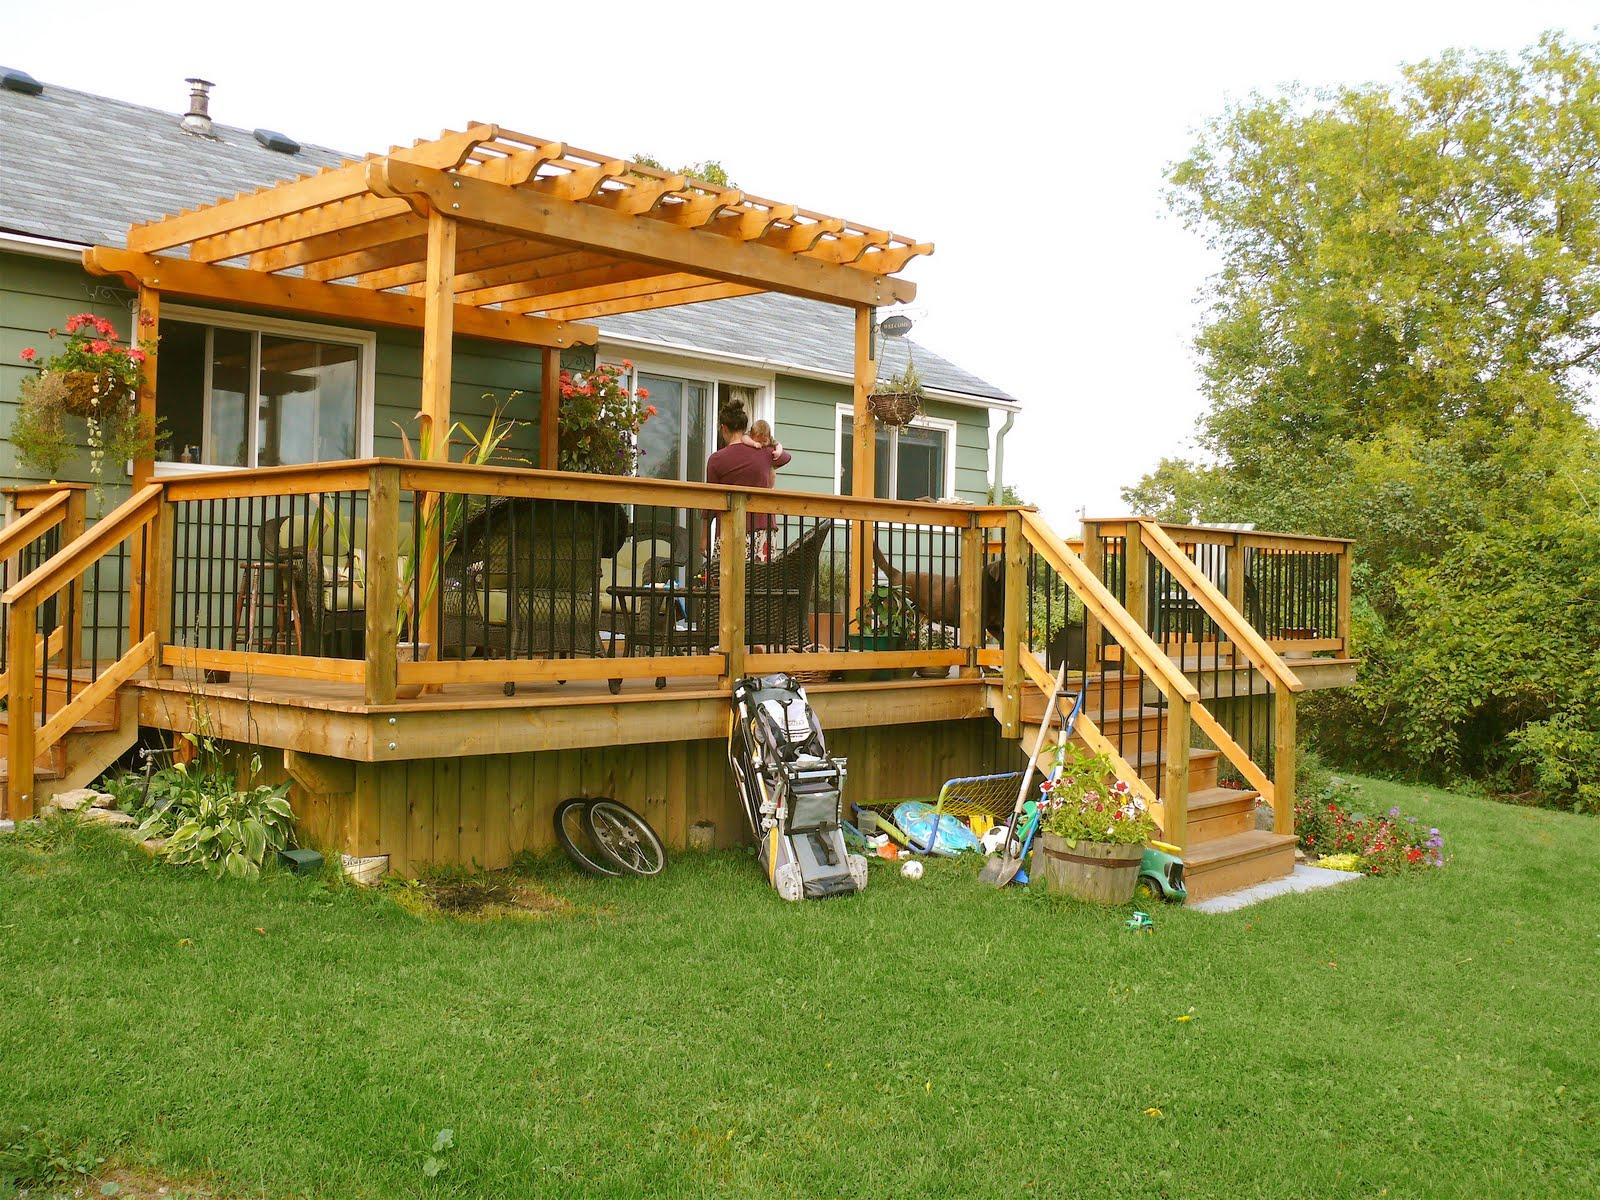 Decks, Sheds And More: Cedar Deck With Pergola